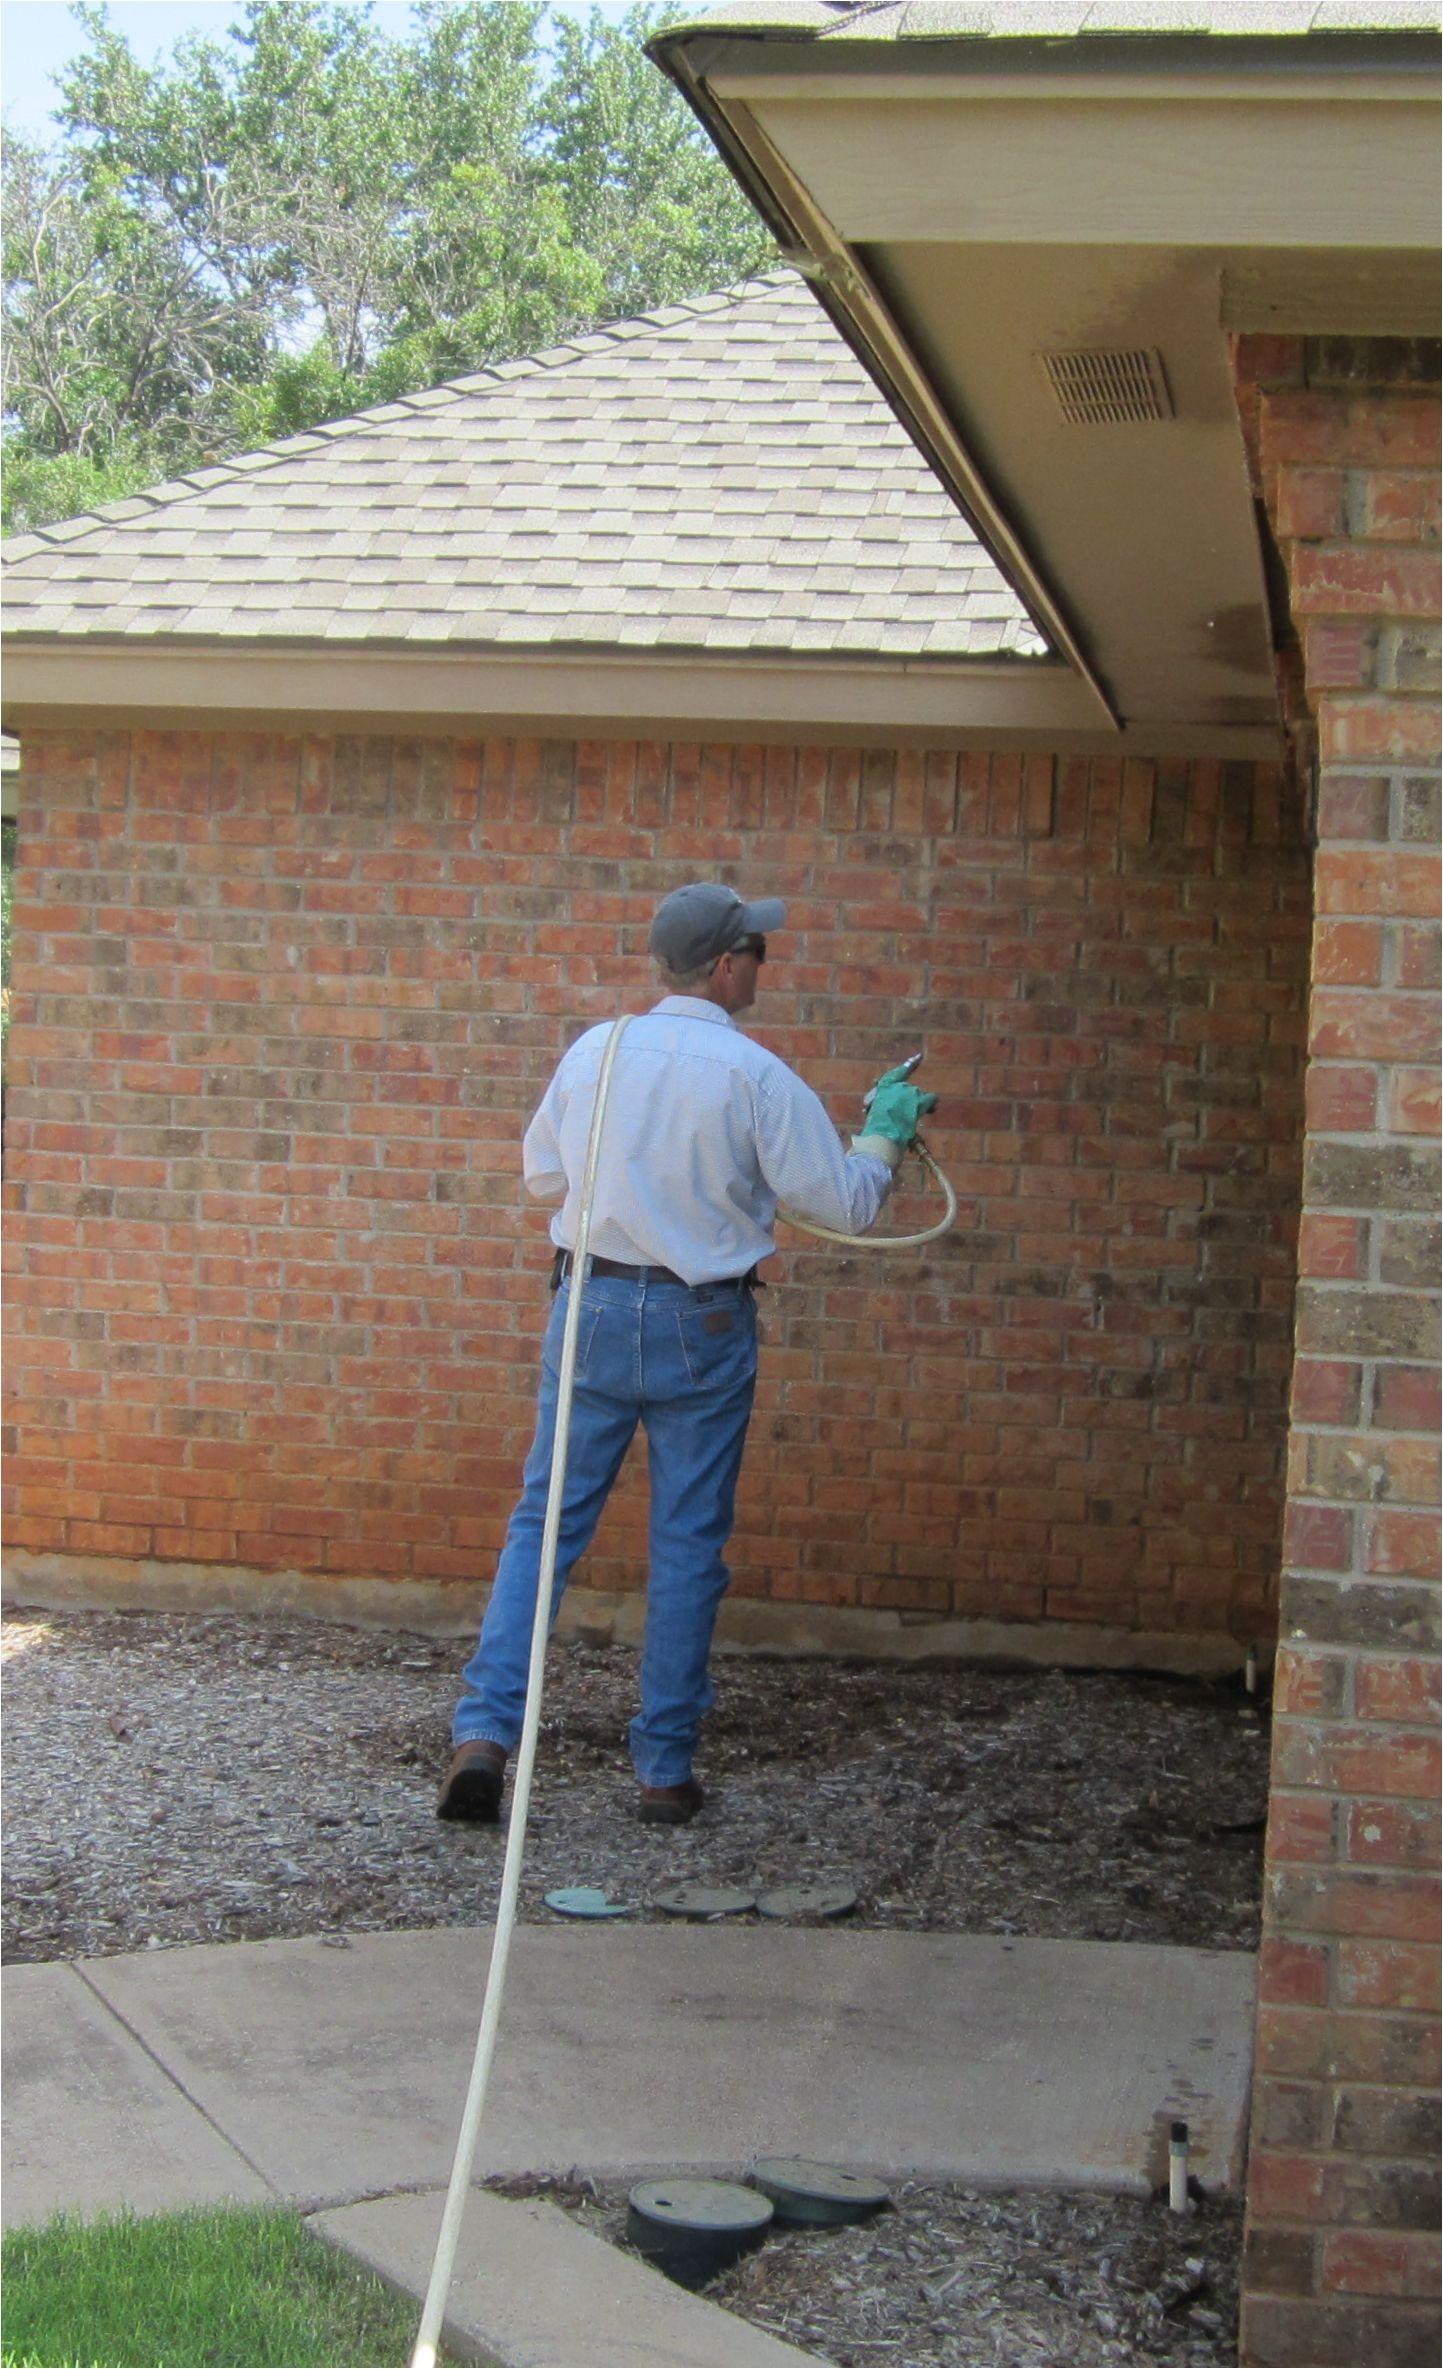 Pest Control In Abilene Tx Pest Exterminator Abilene Tx andrew Turnbull